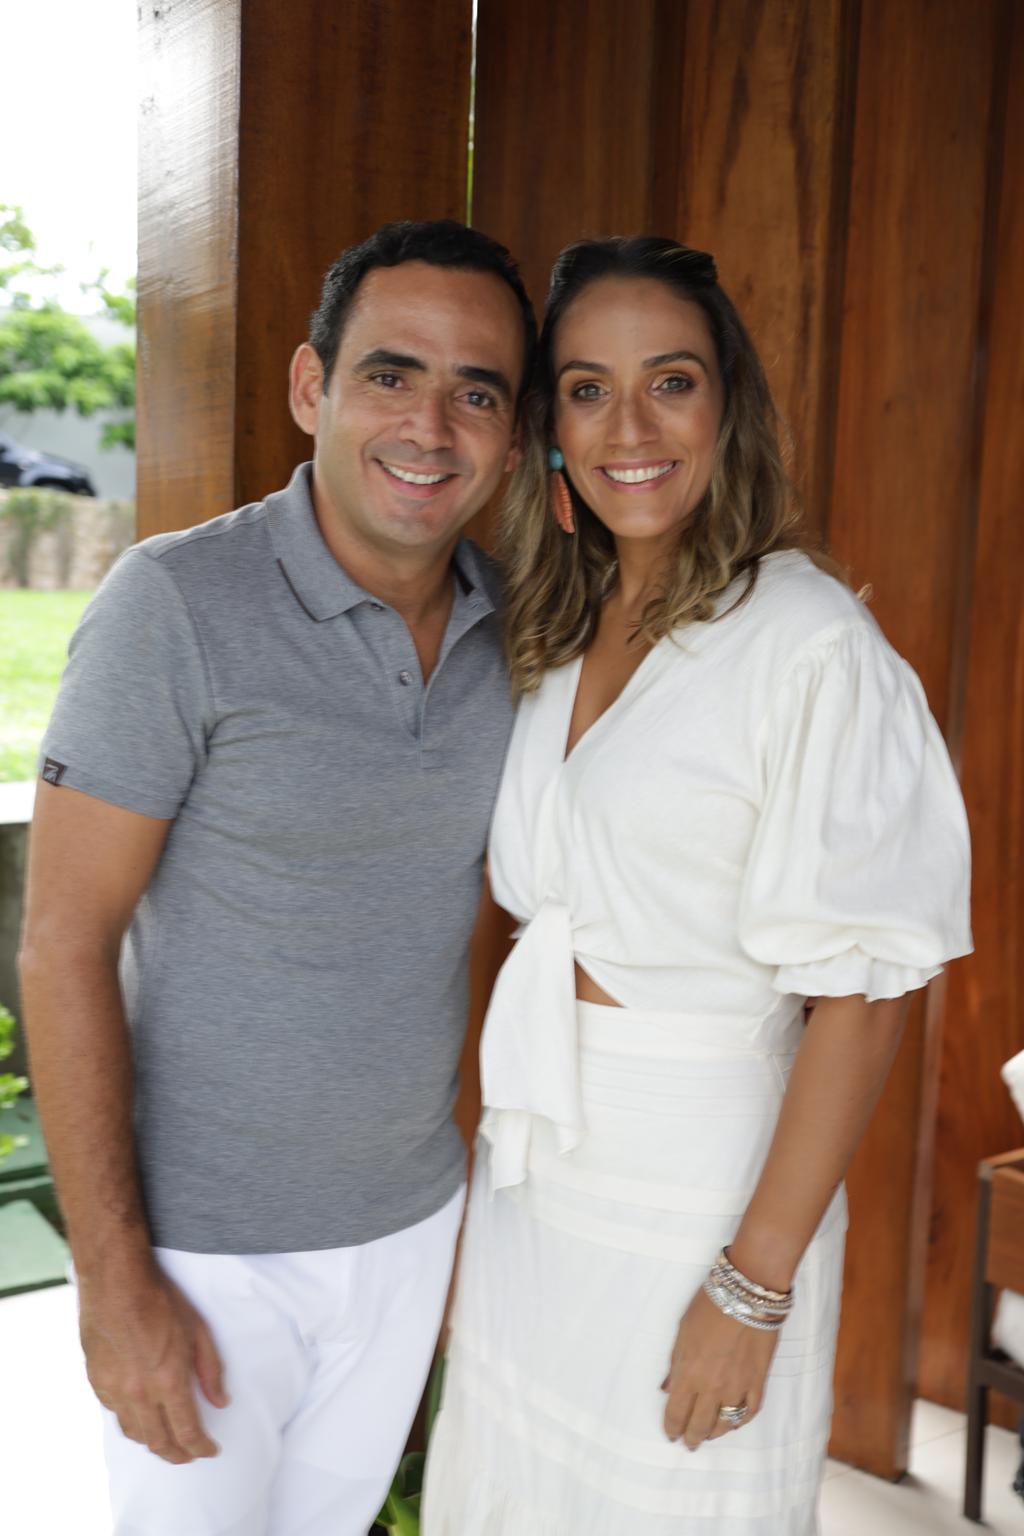 Fernando Quindere E Daniele Couto